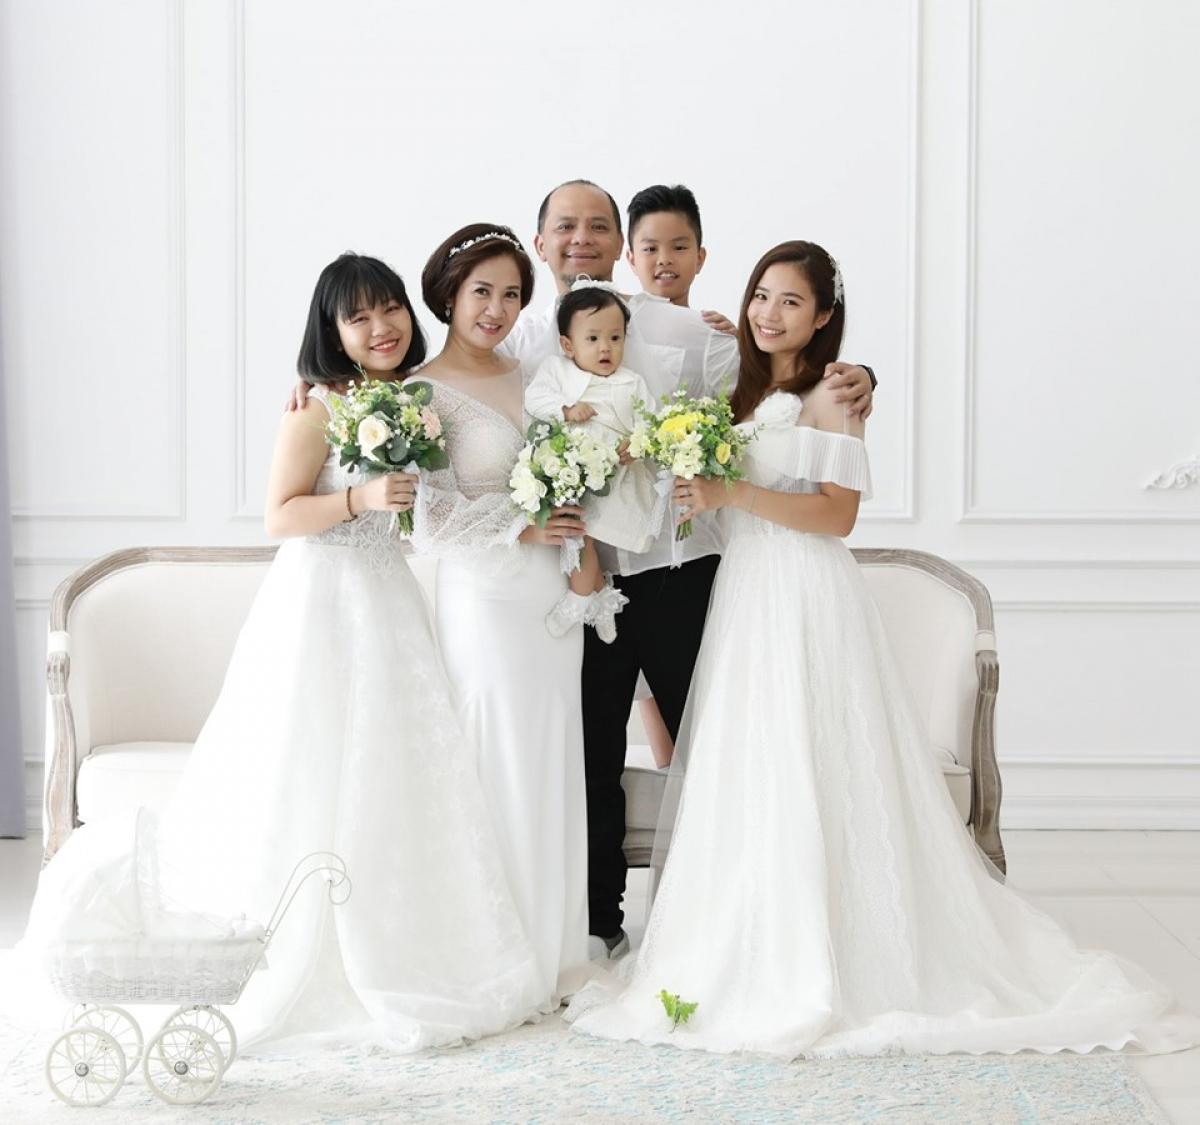 Gia đình hạnh phúc của Nguyệt Hằng và Anh Tuấn.